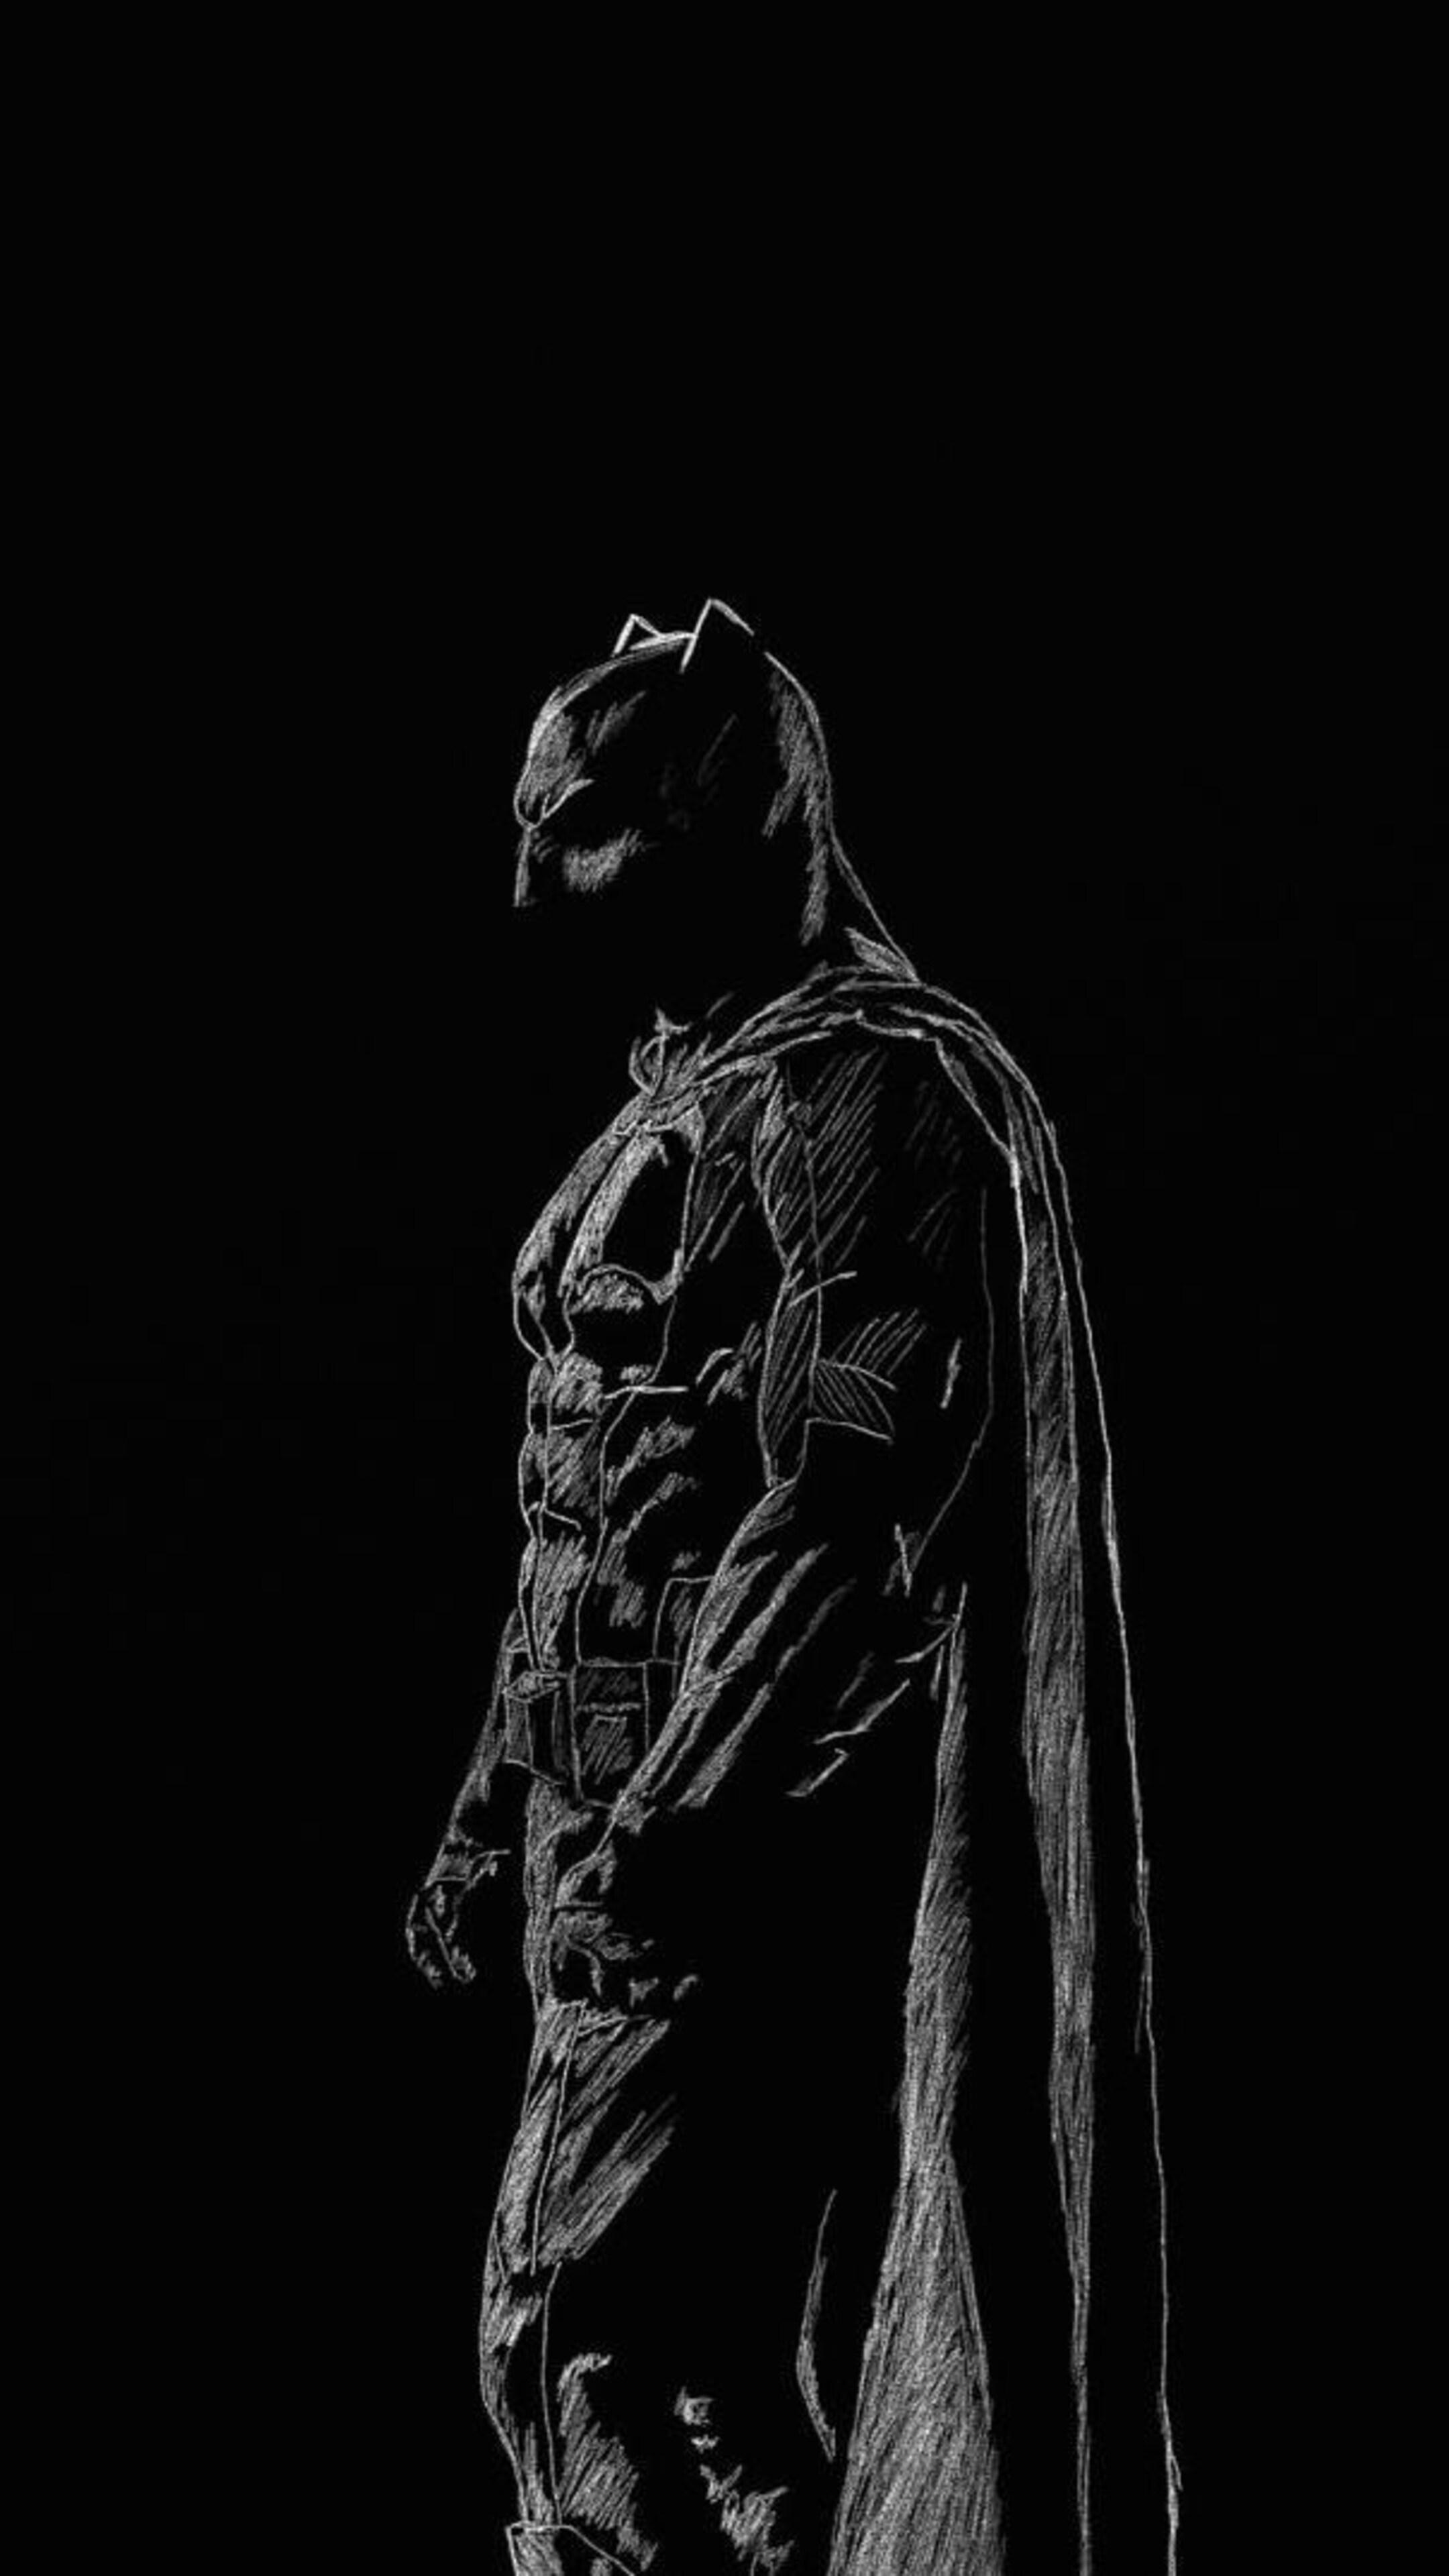 2160x3840 batman art dark sony xperia x xz z5 premium hd - Art wallpaper 2160x3840 ...